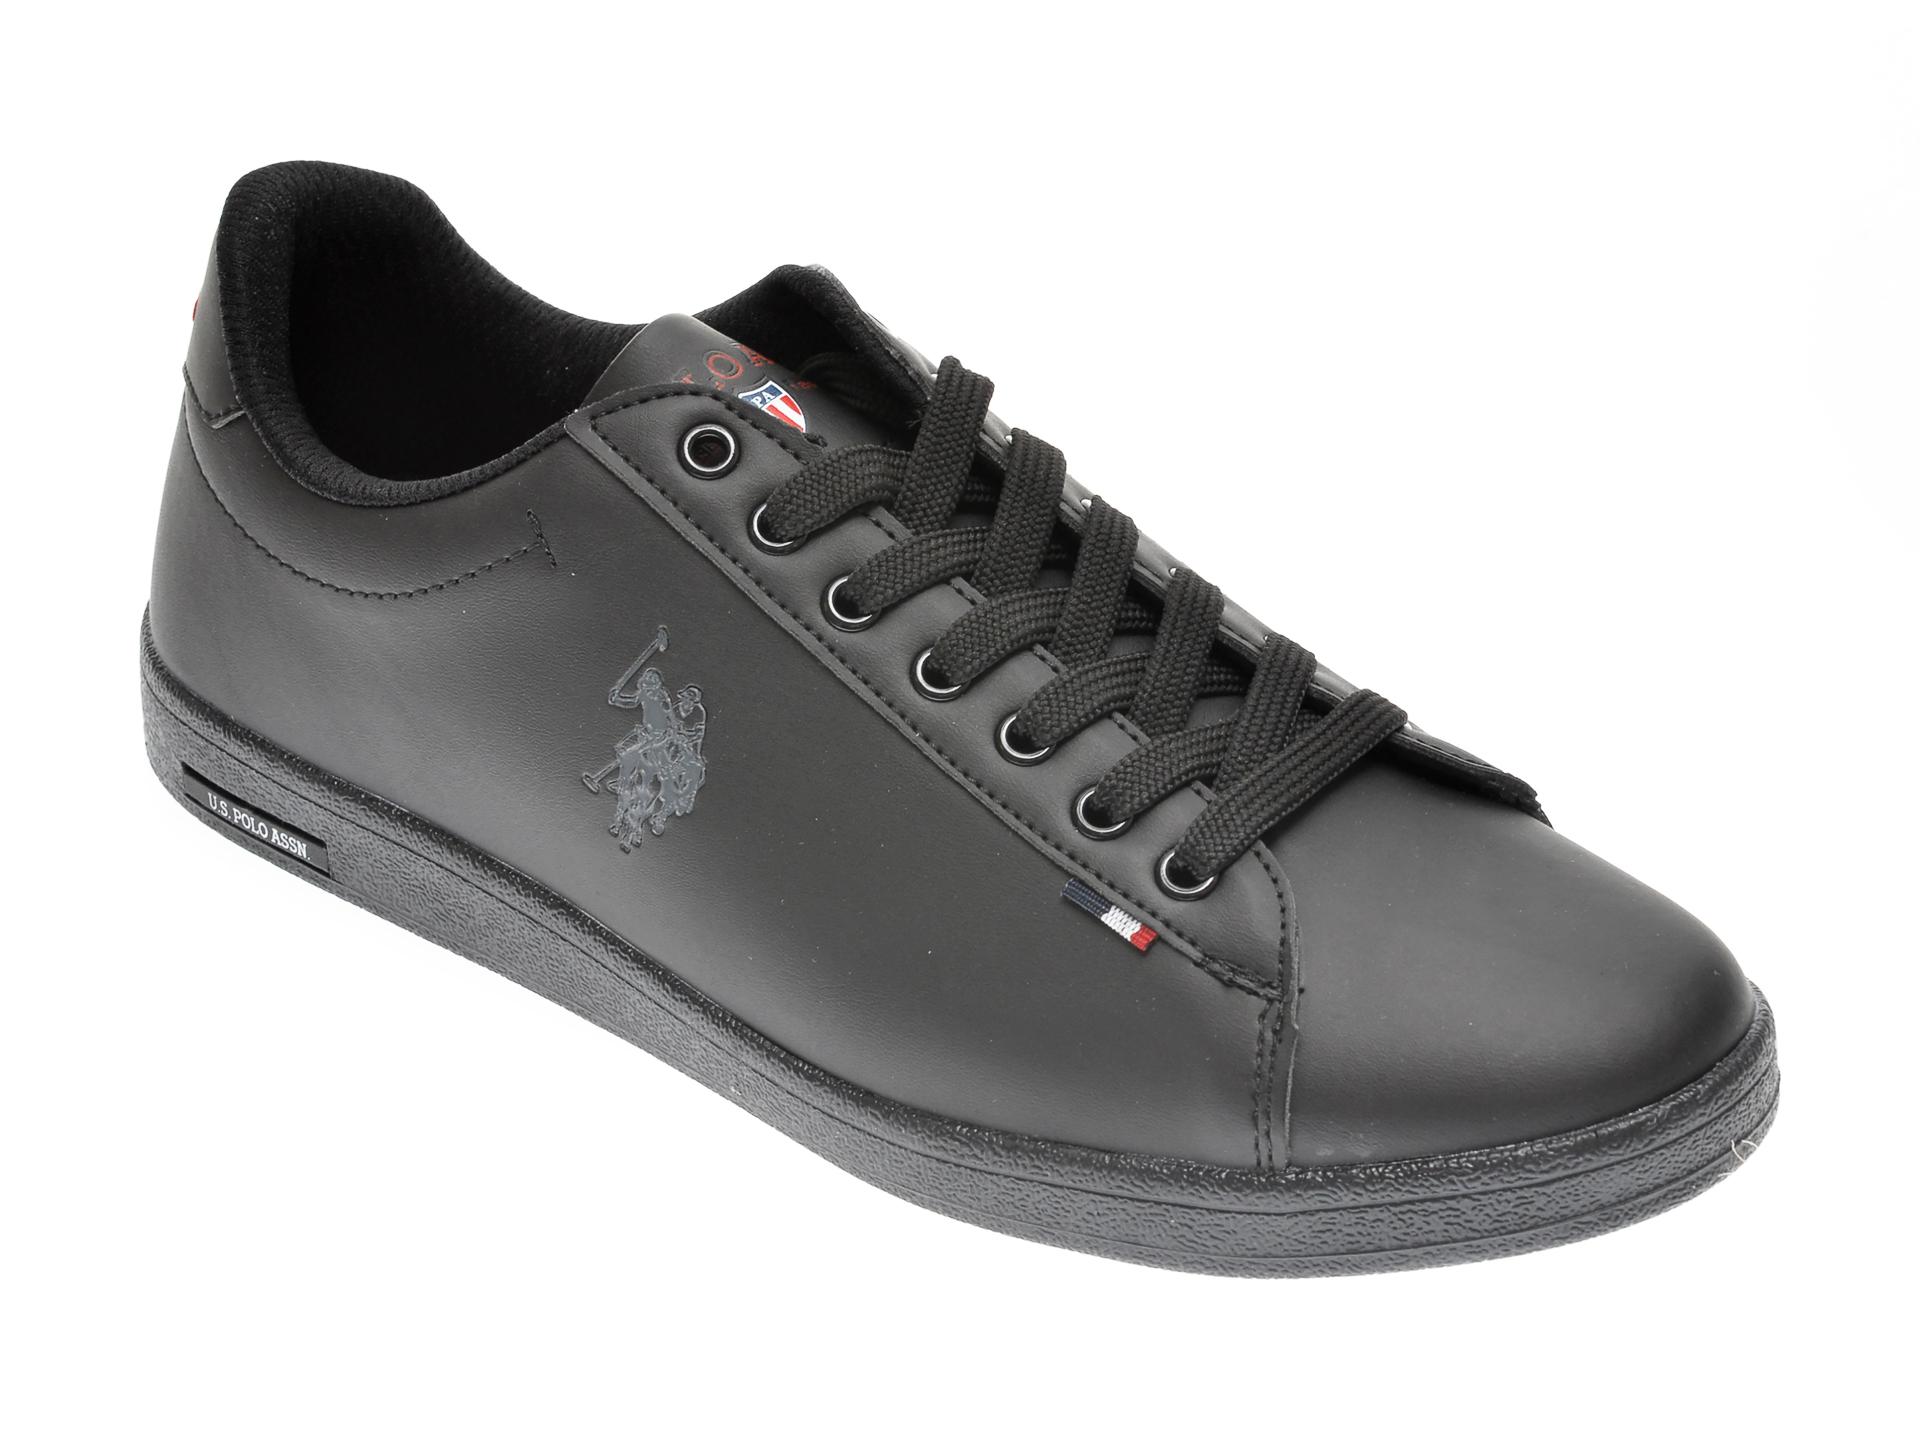 Pantofi sport US POLO ASSN negri, 548977, din piele ecologica imagine